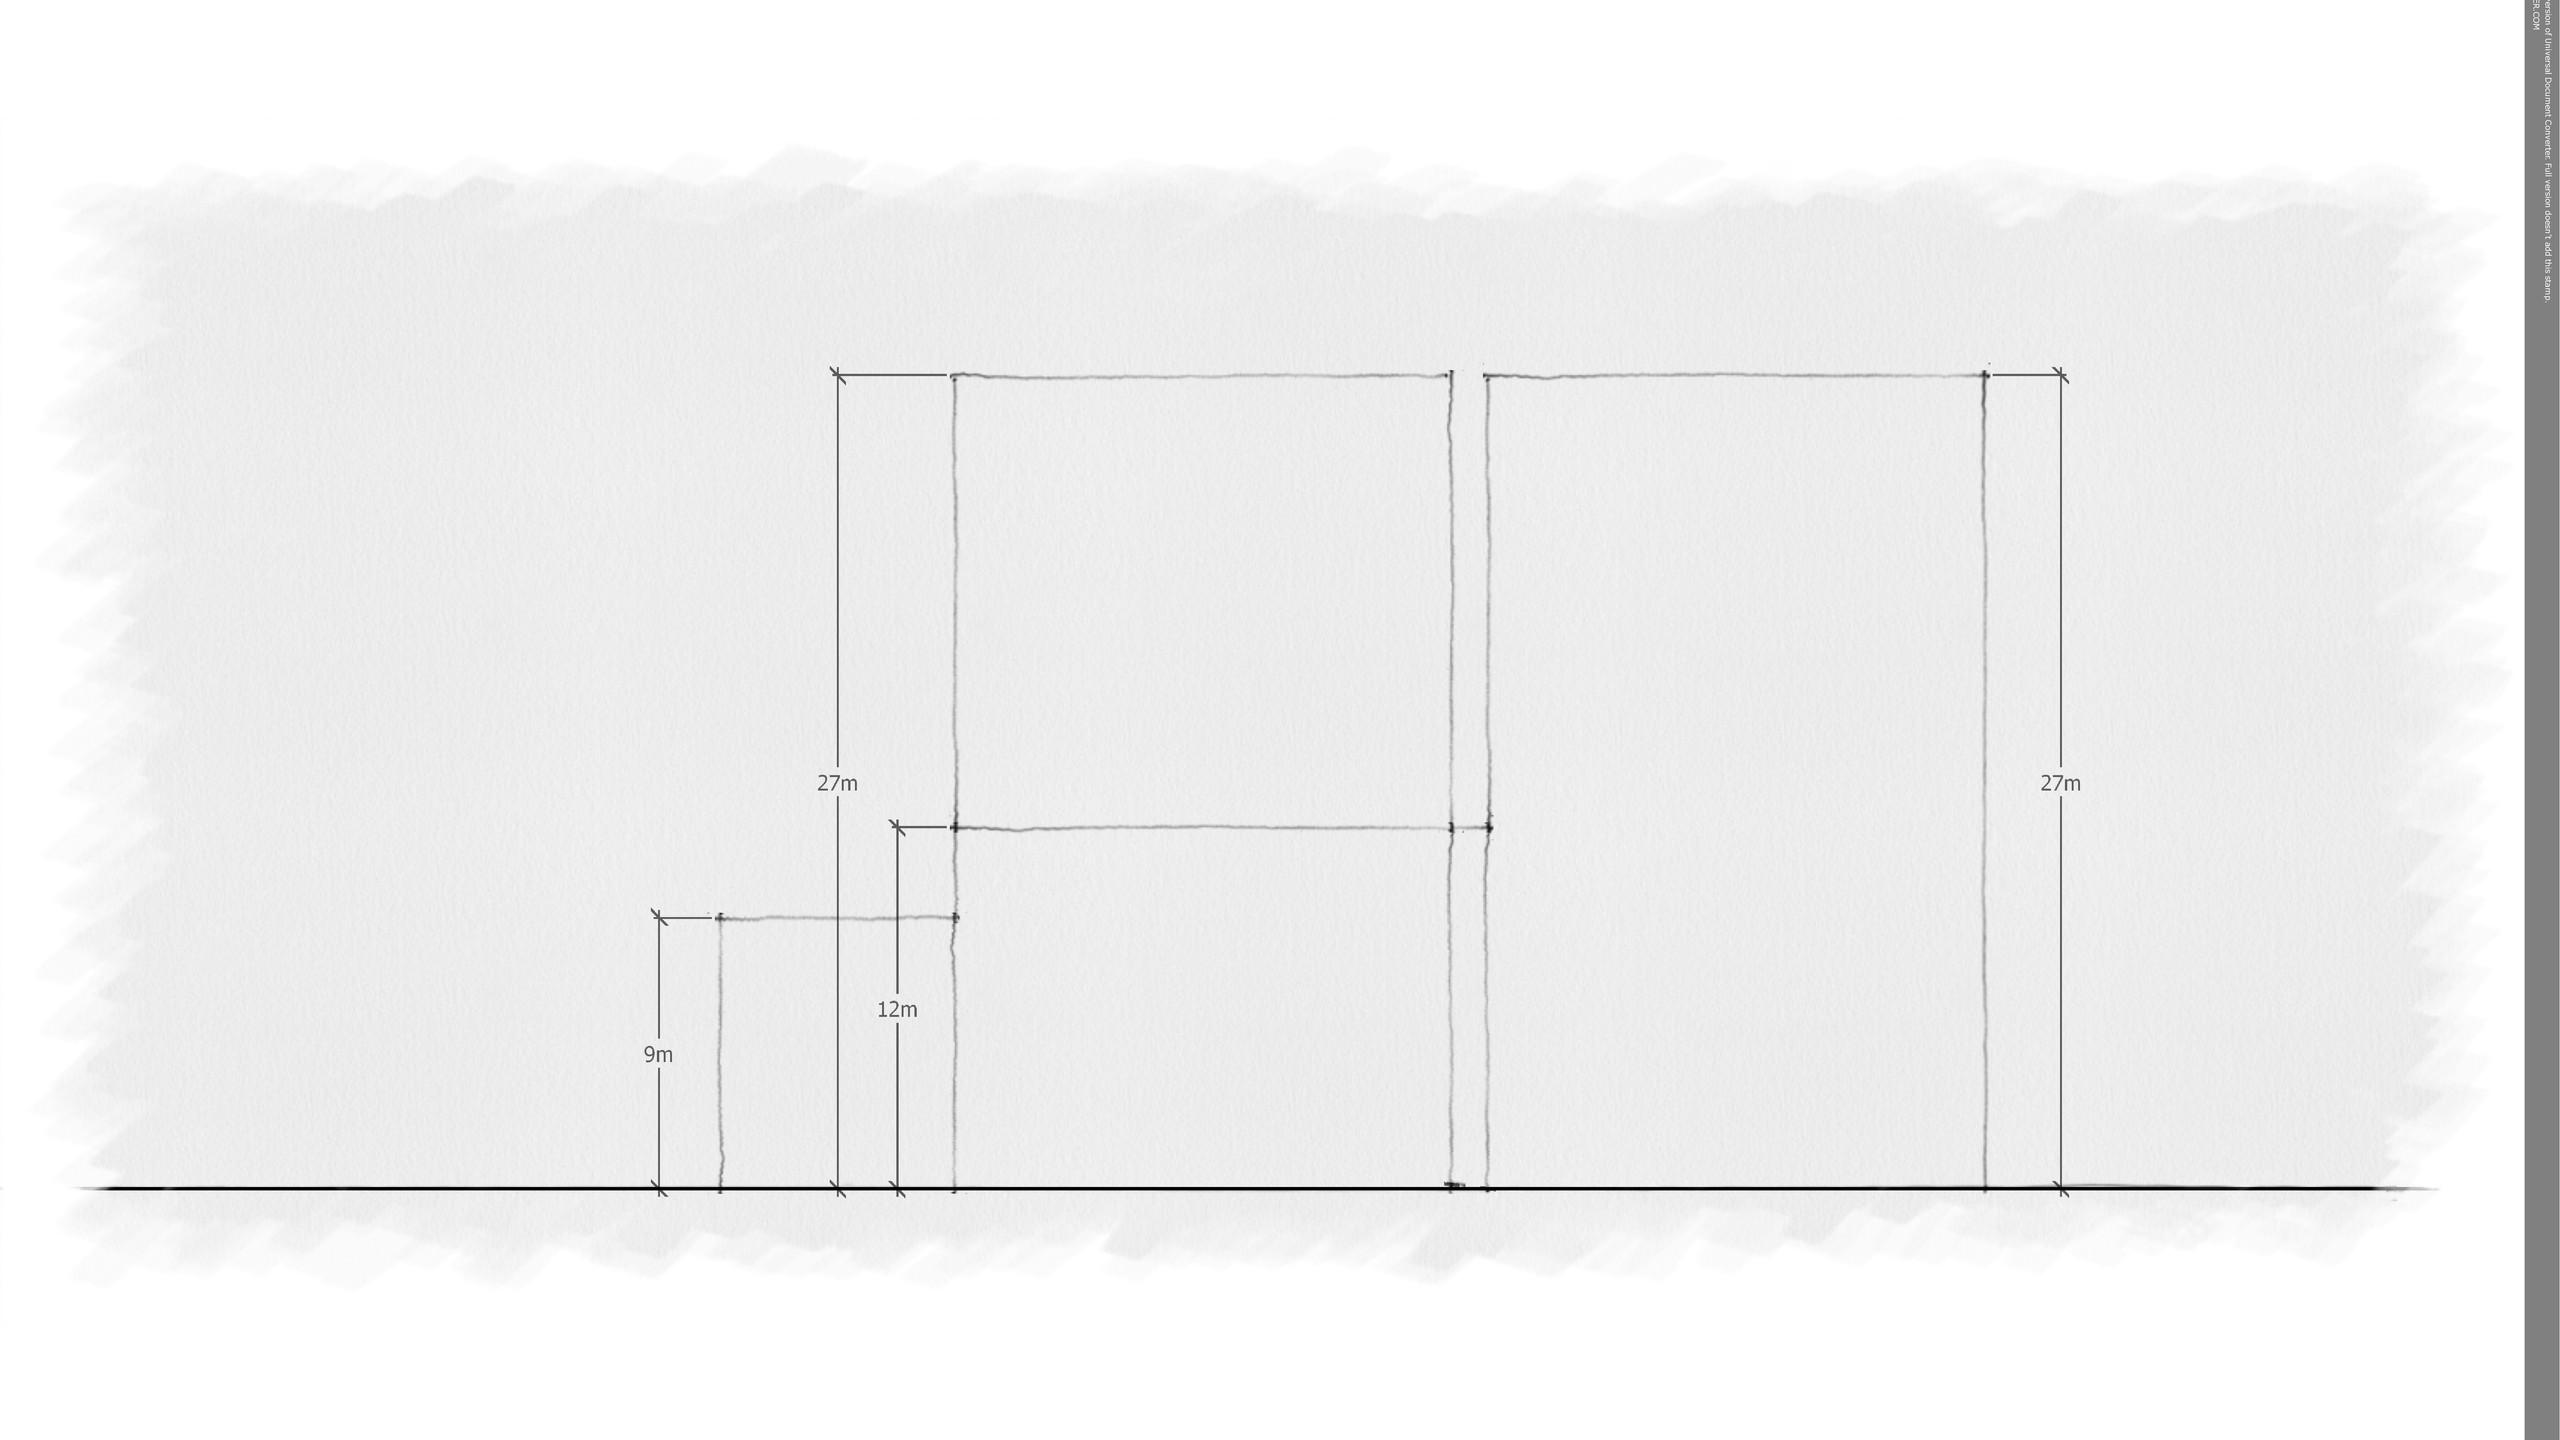 elev massing layout ideas b